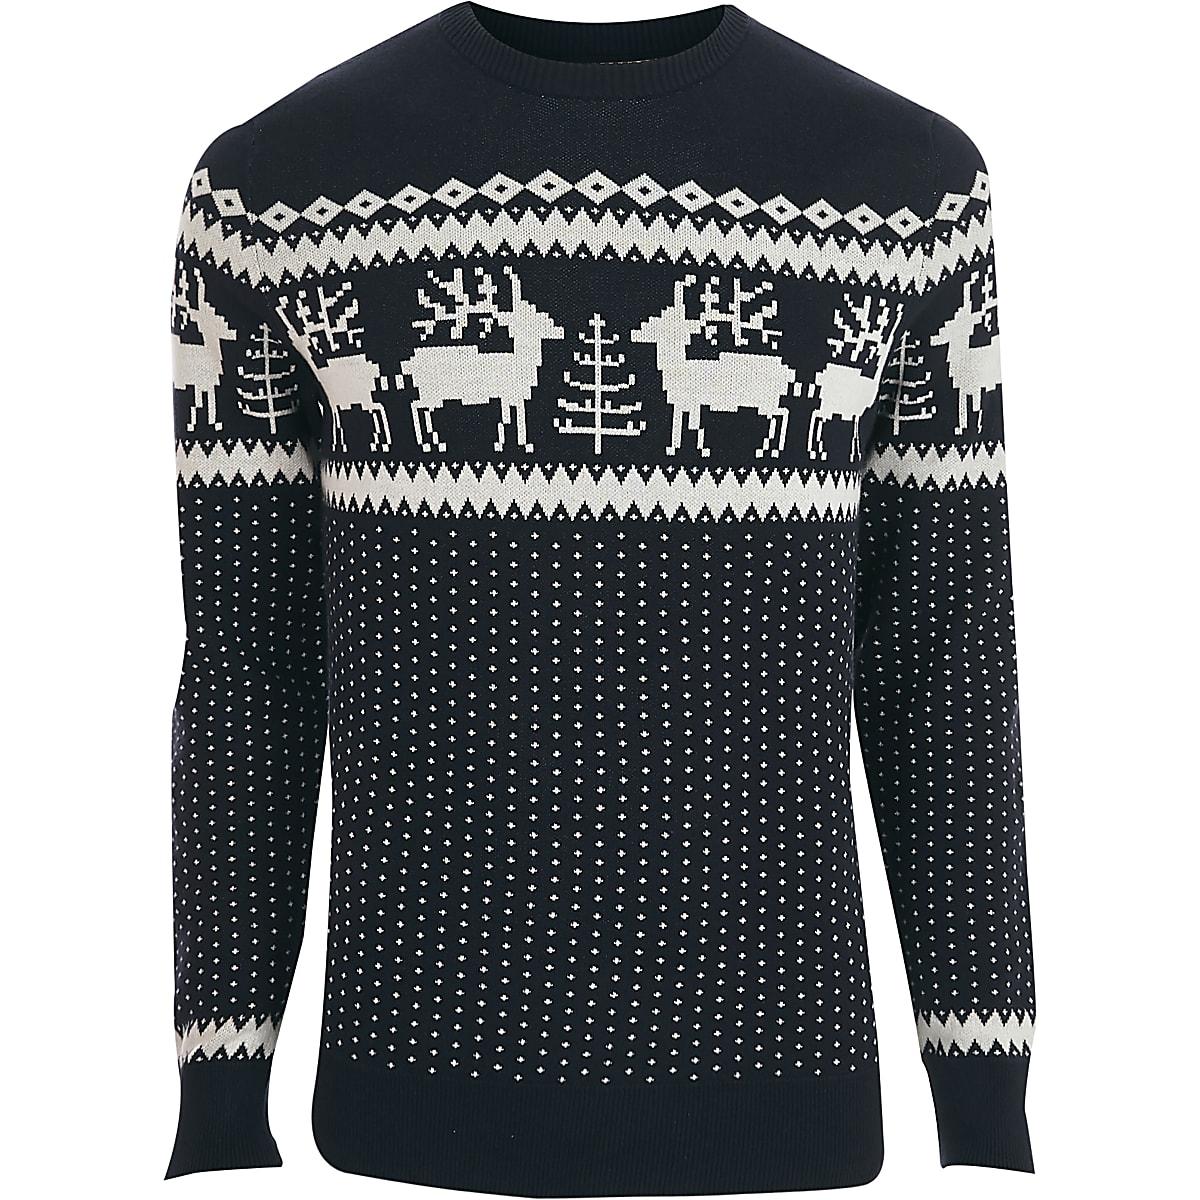 Kersttrui Maat L.Jack Jones Premium Marineblauwe Kersttrui Pullovers